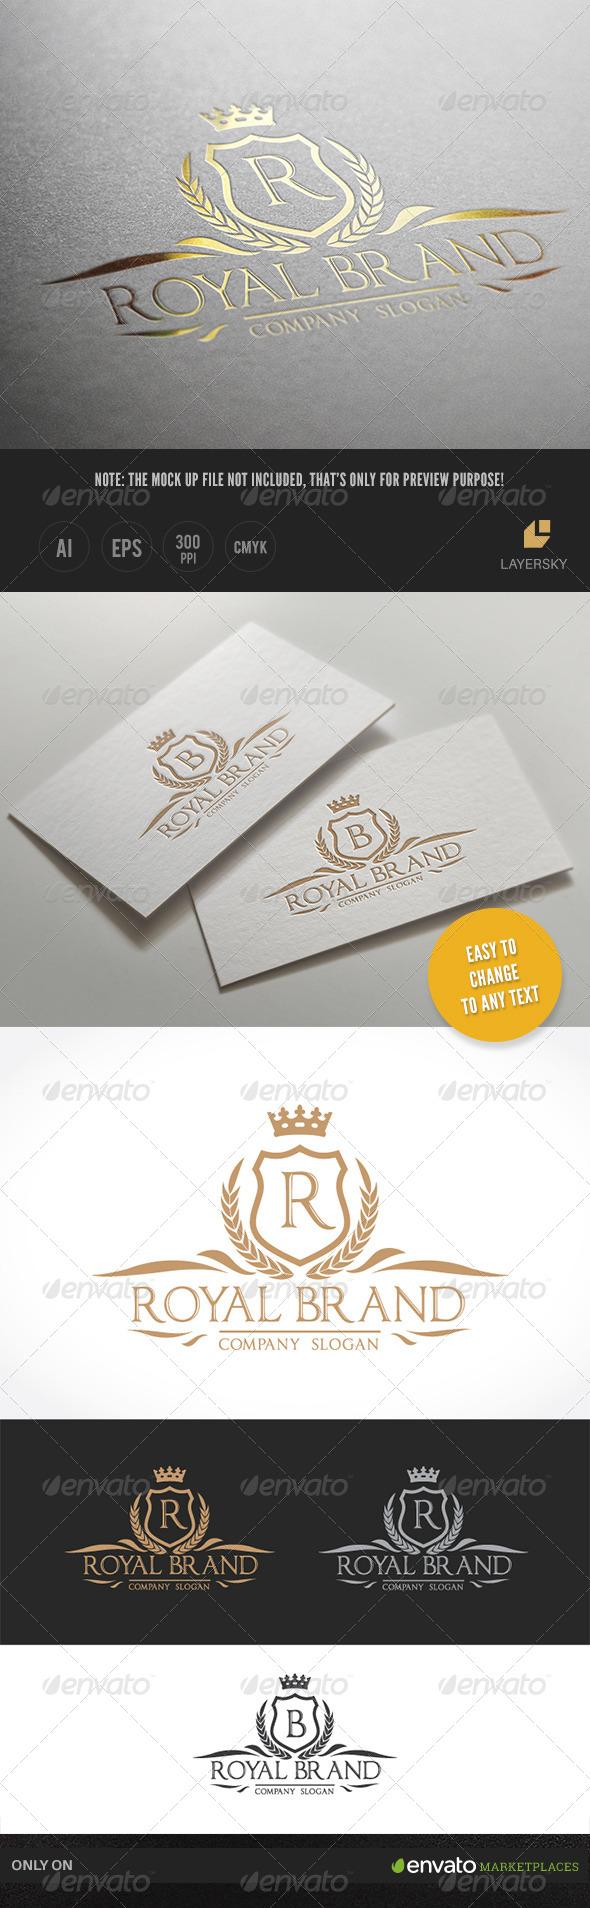 GraphicRiver Royal Brand II 8028700